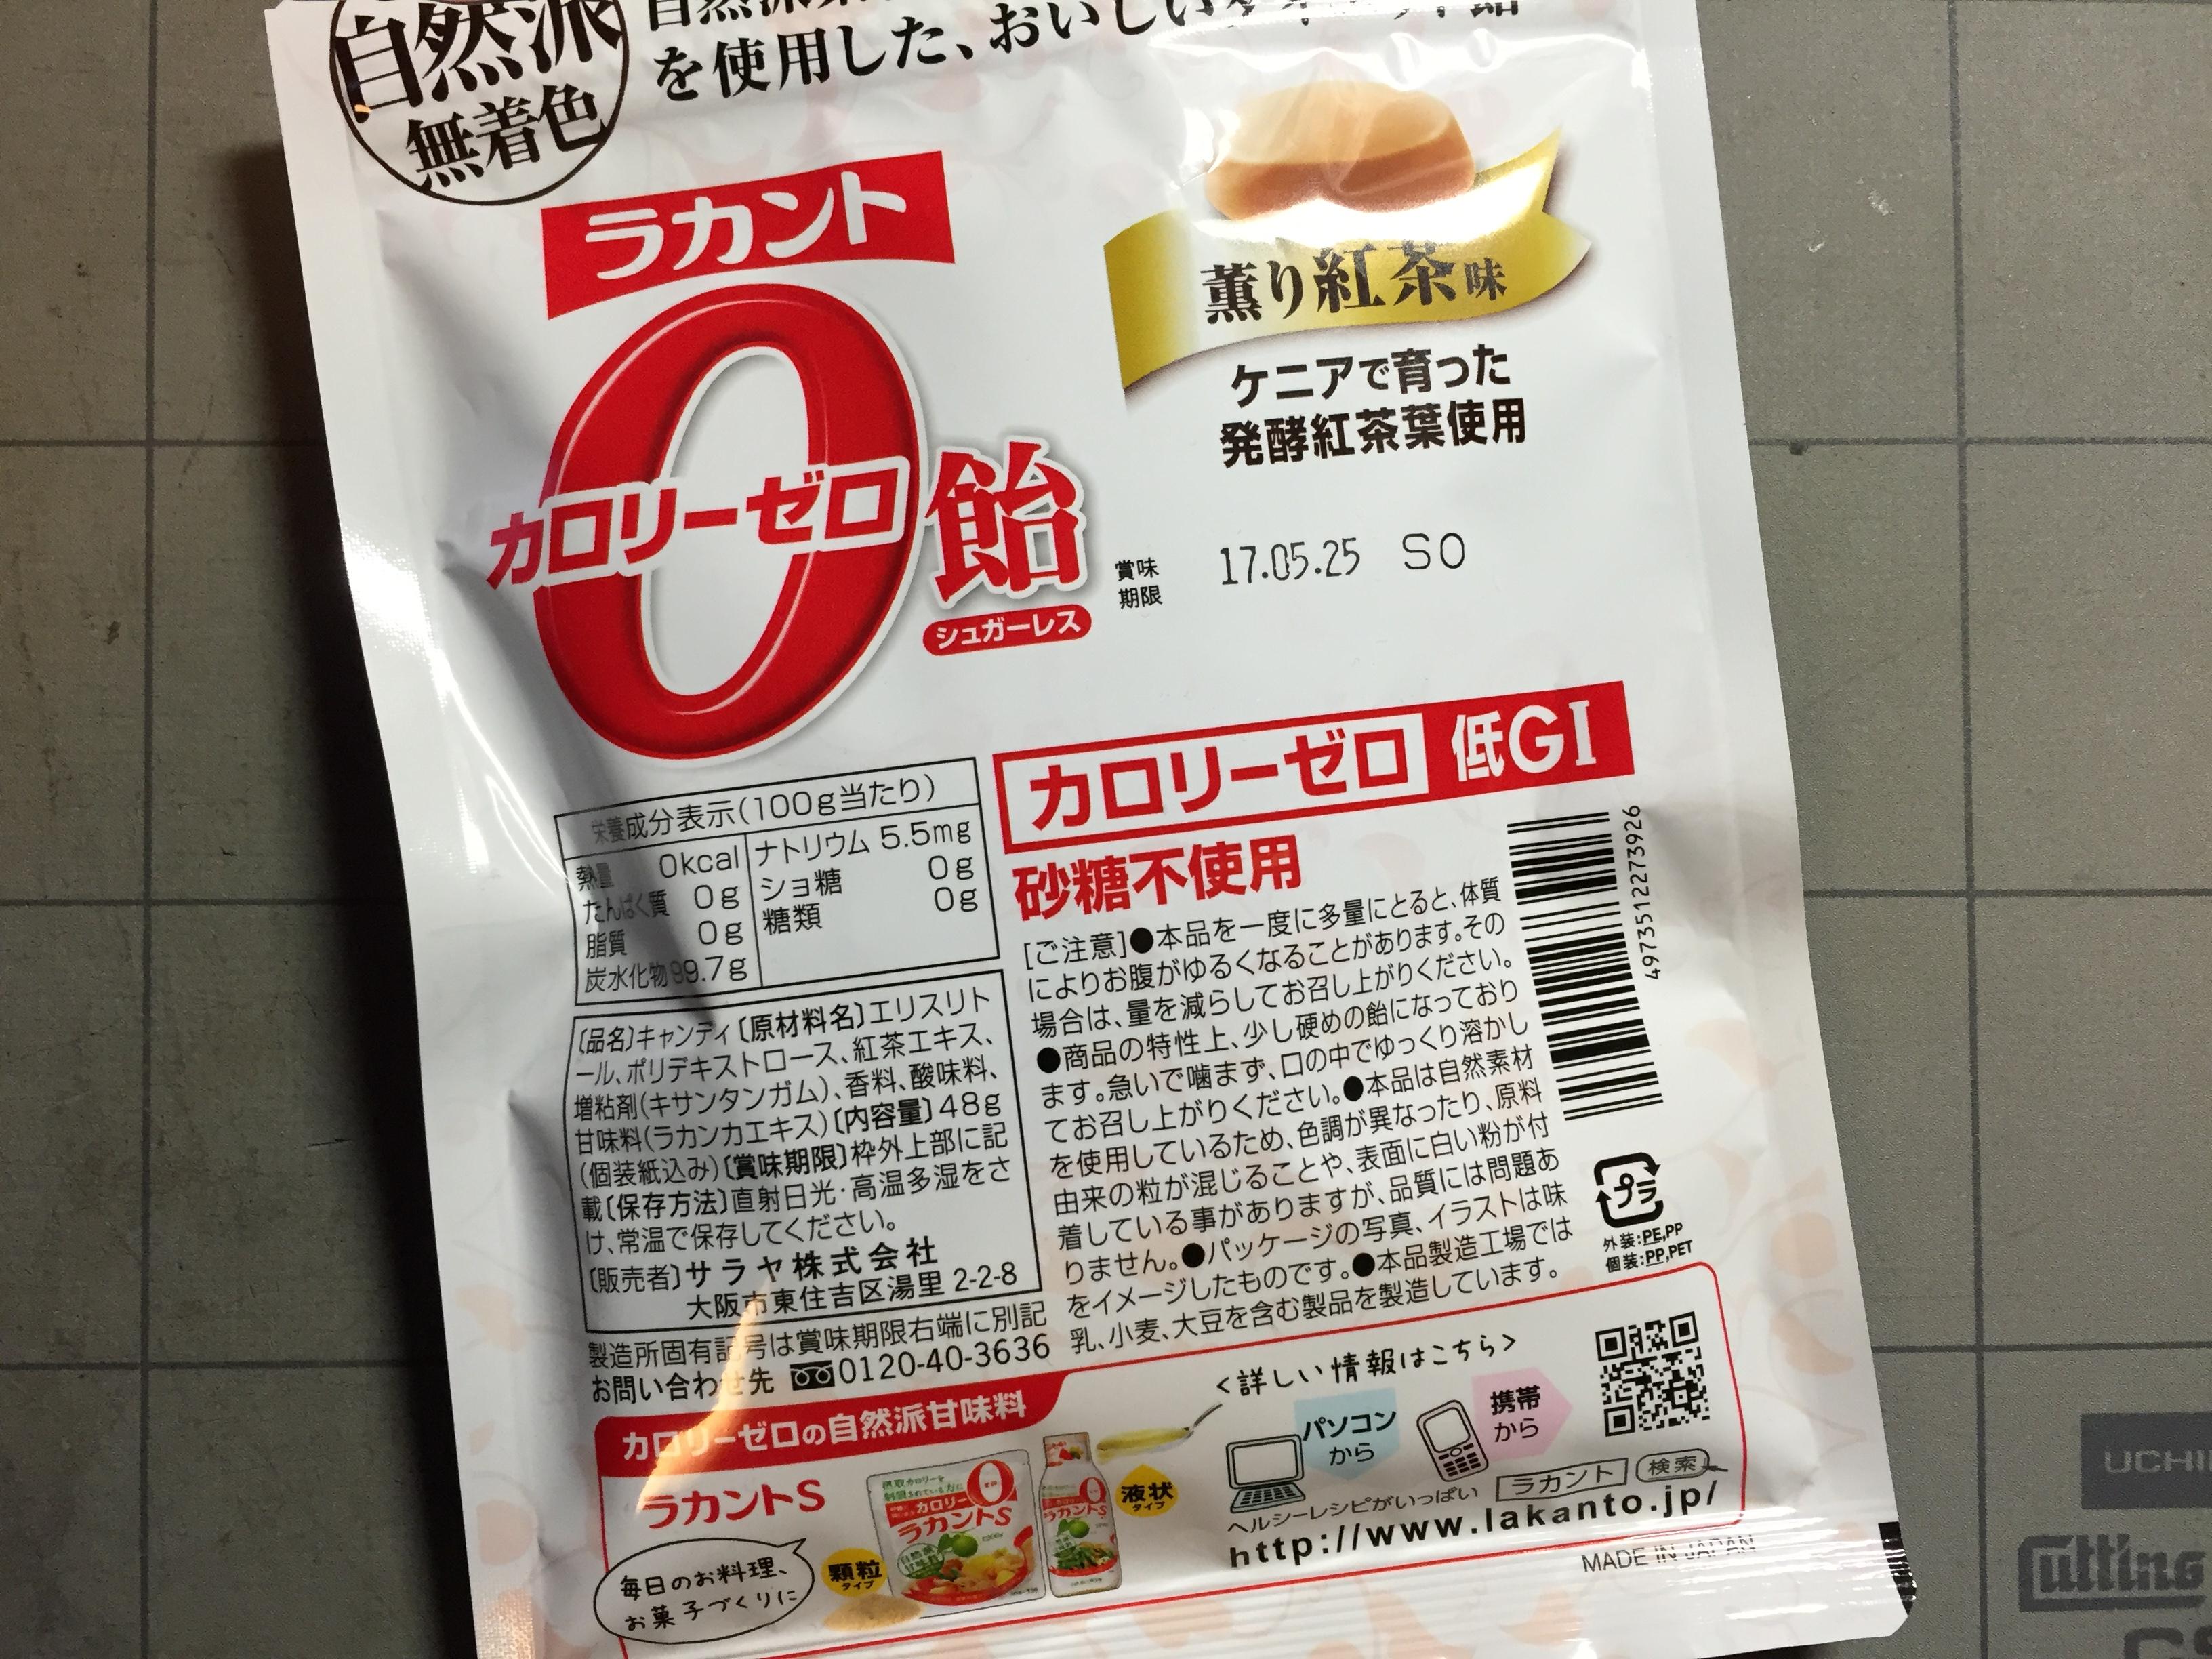 ラカント飴 (2)